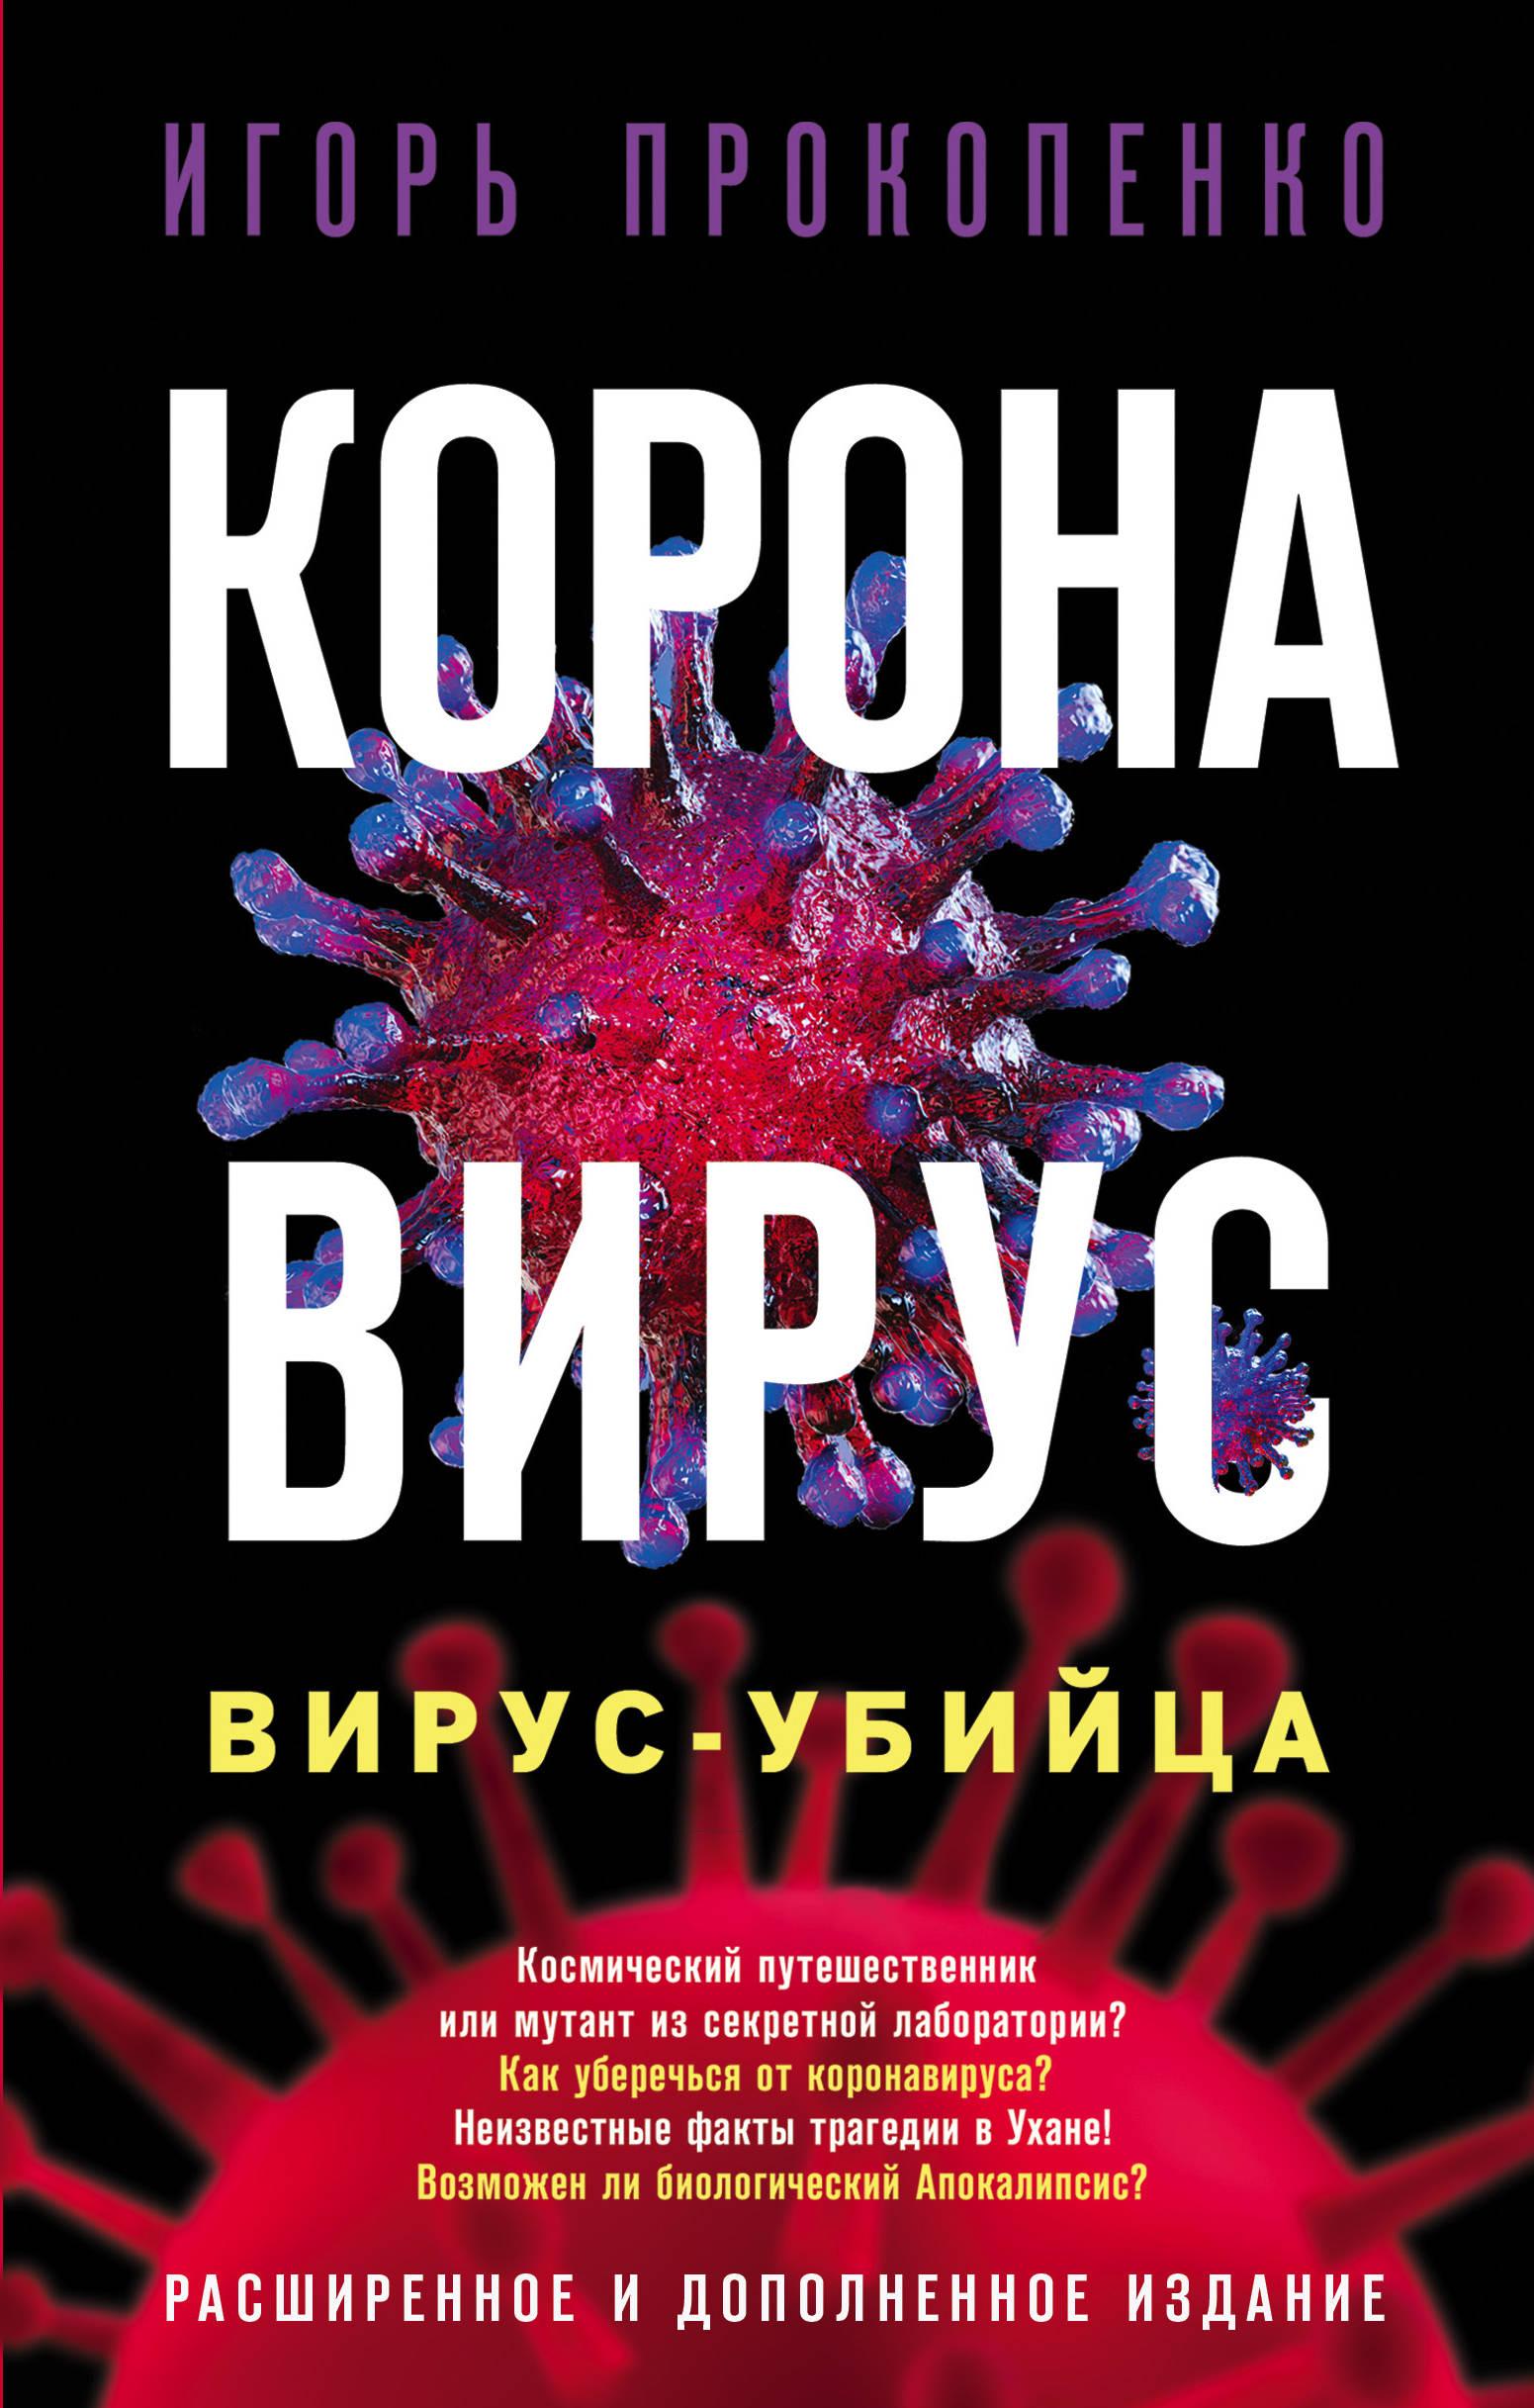 Koronavirus. Virus-ubijtsa. Rasshirennoe i dopolnennoe izdanie